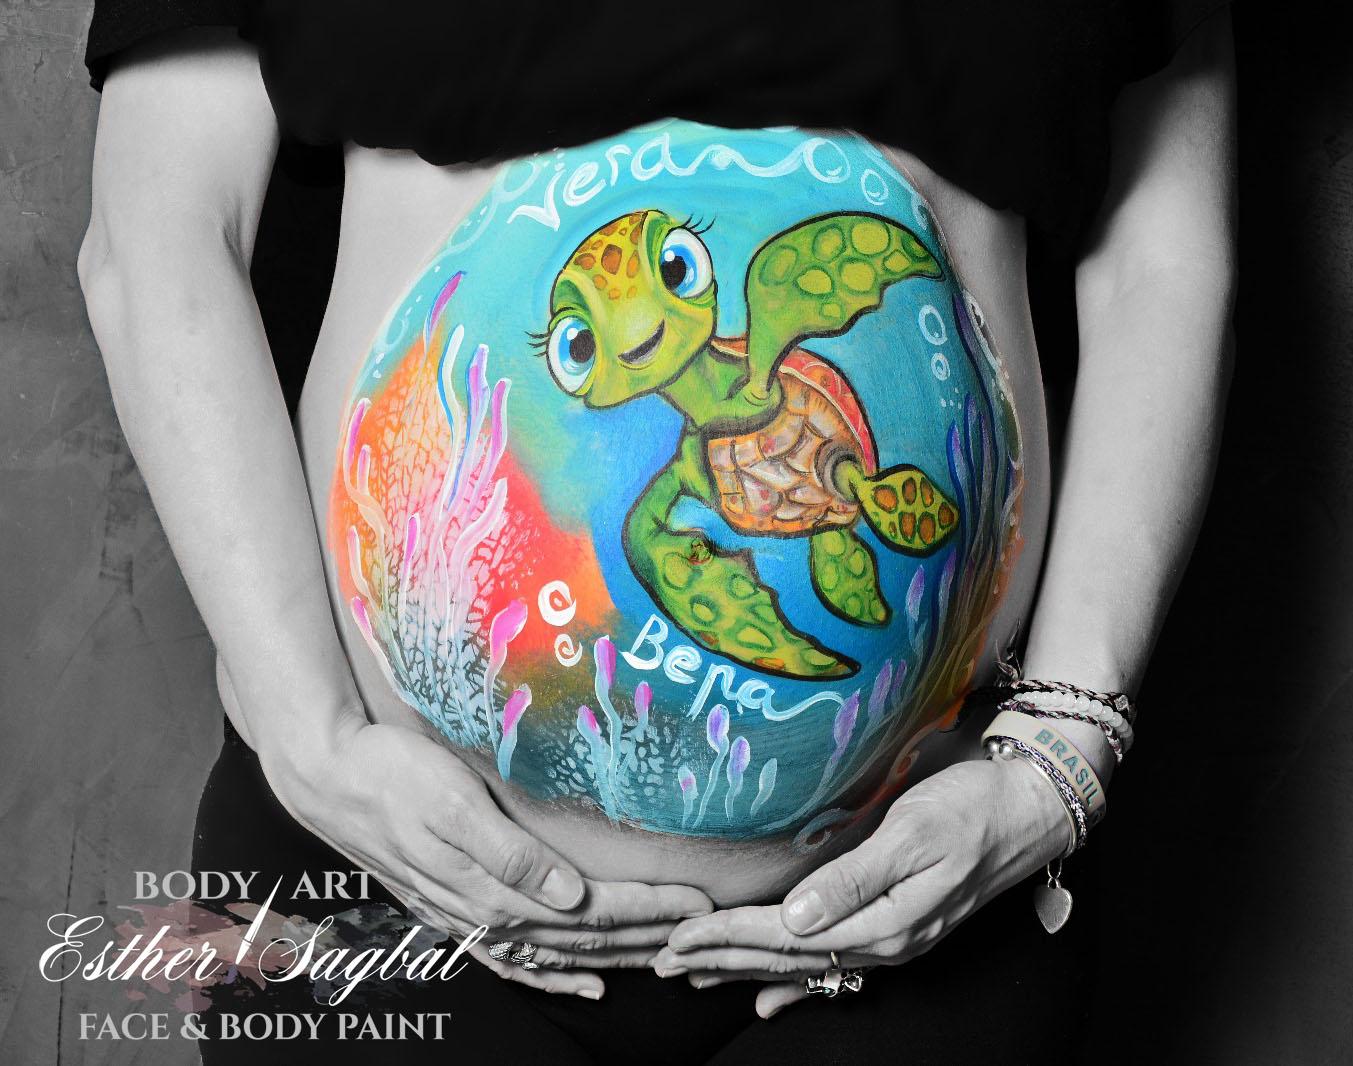 ideas para pintar barriga embarazada